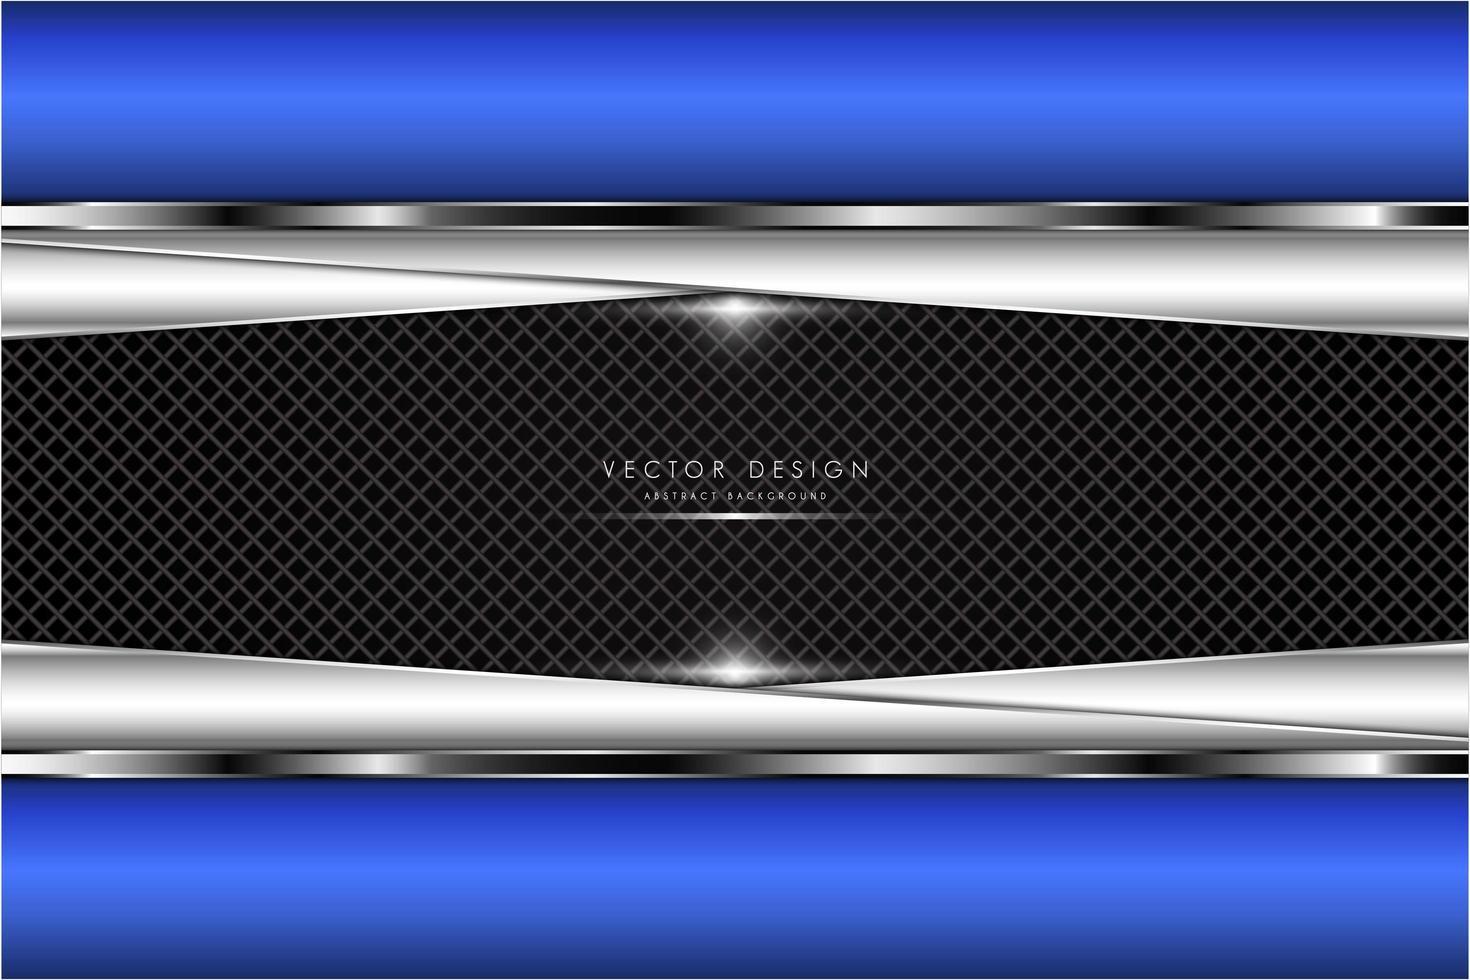 metallisch blauer Rand und silberne abgewinkelte Platten über Roststruktur vektor